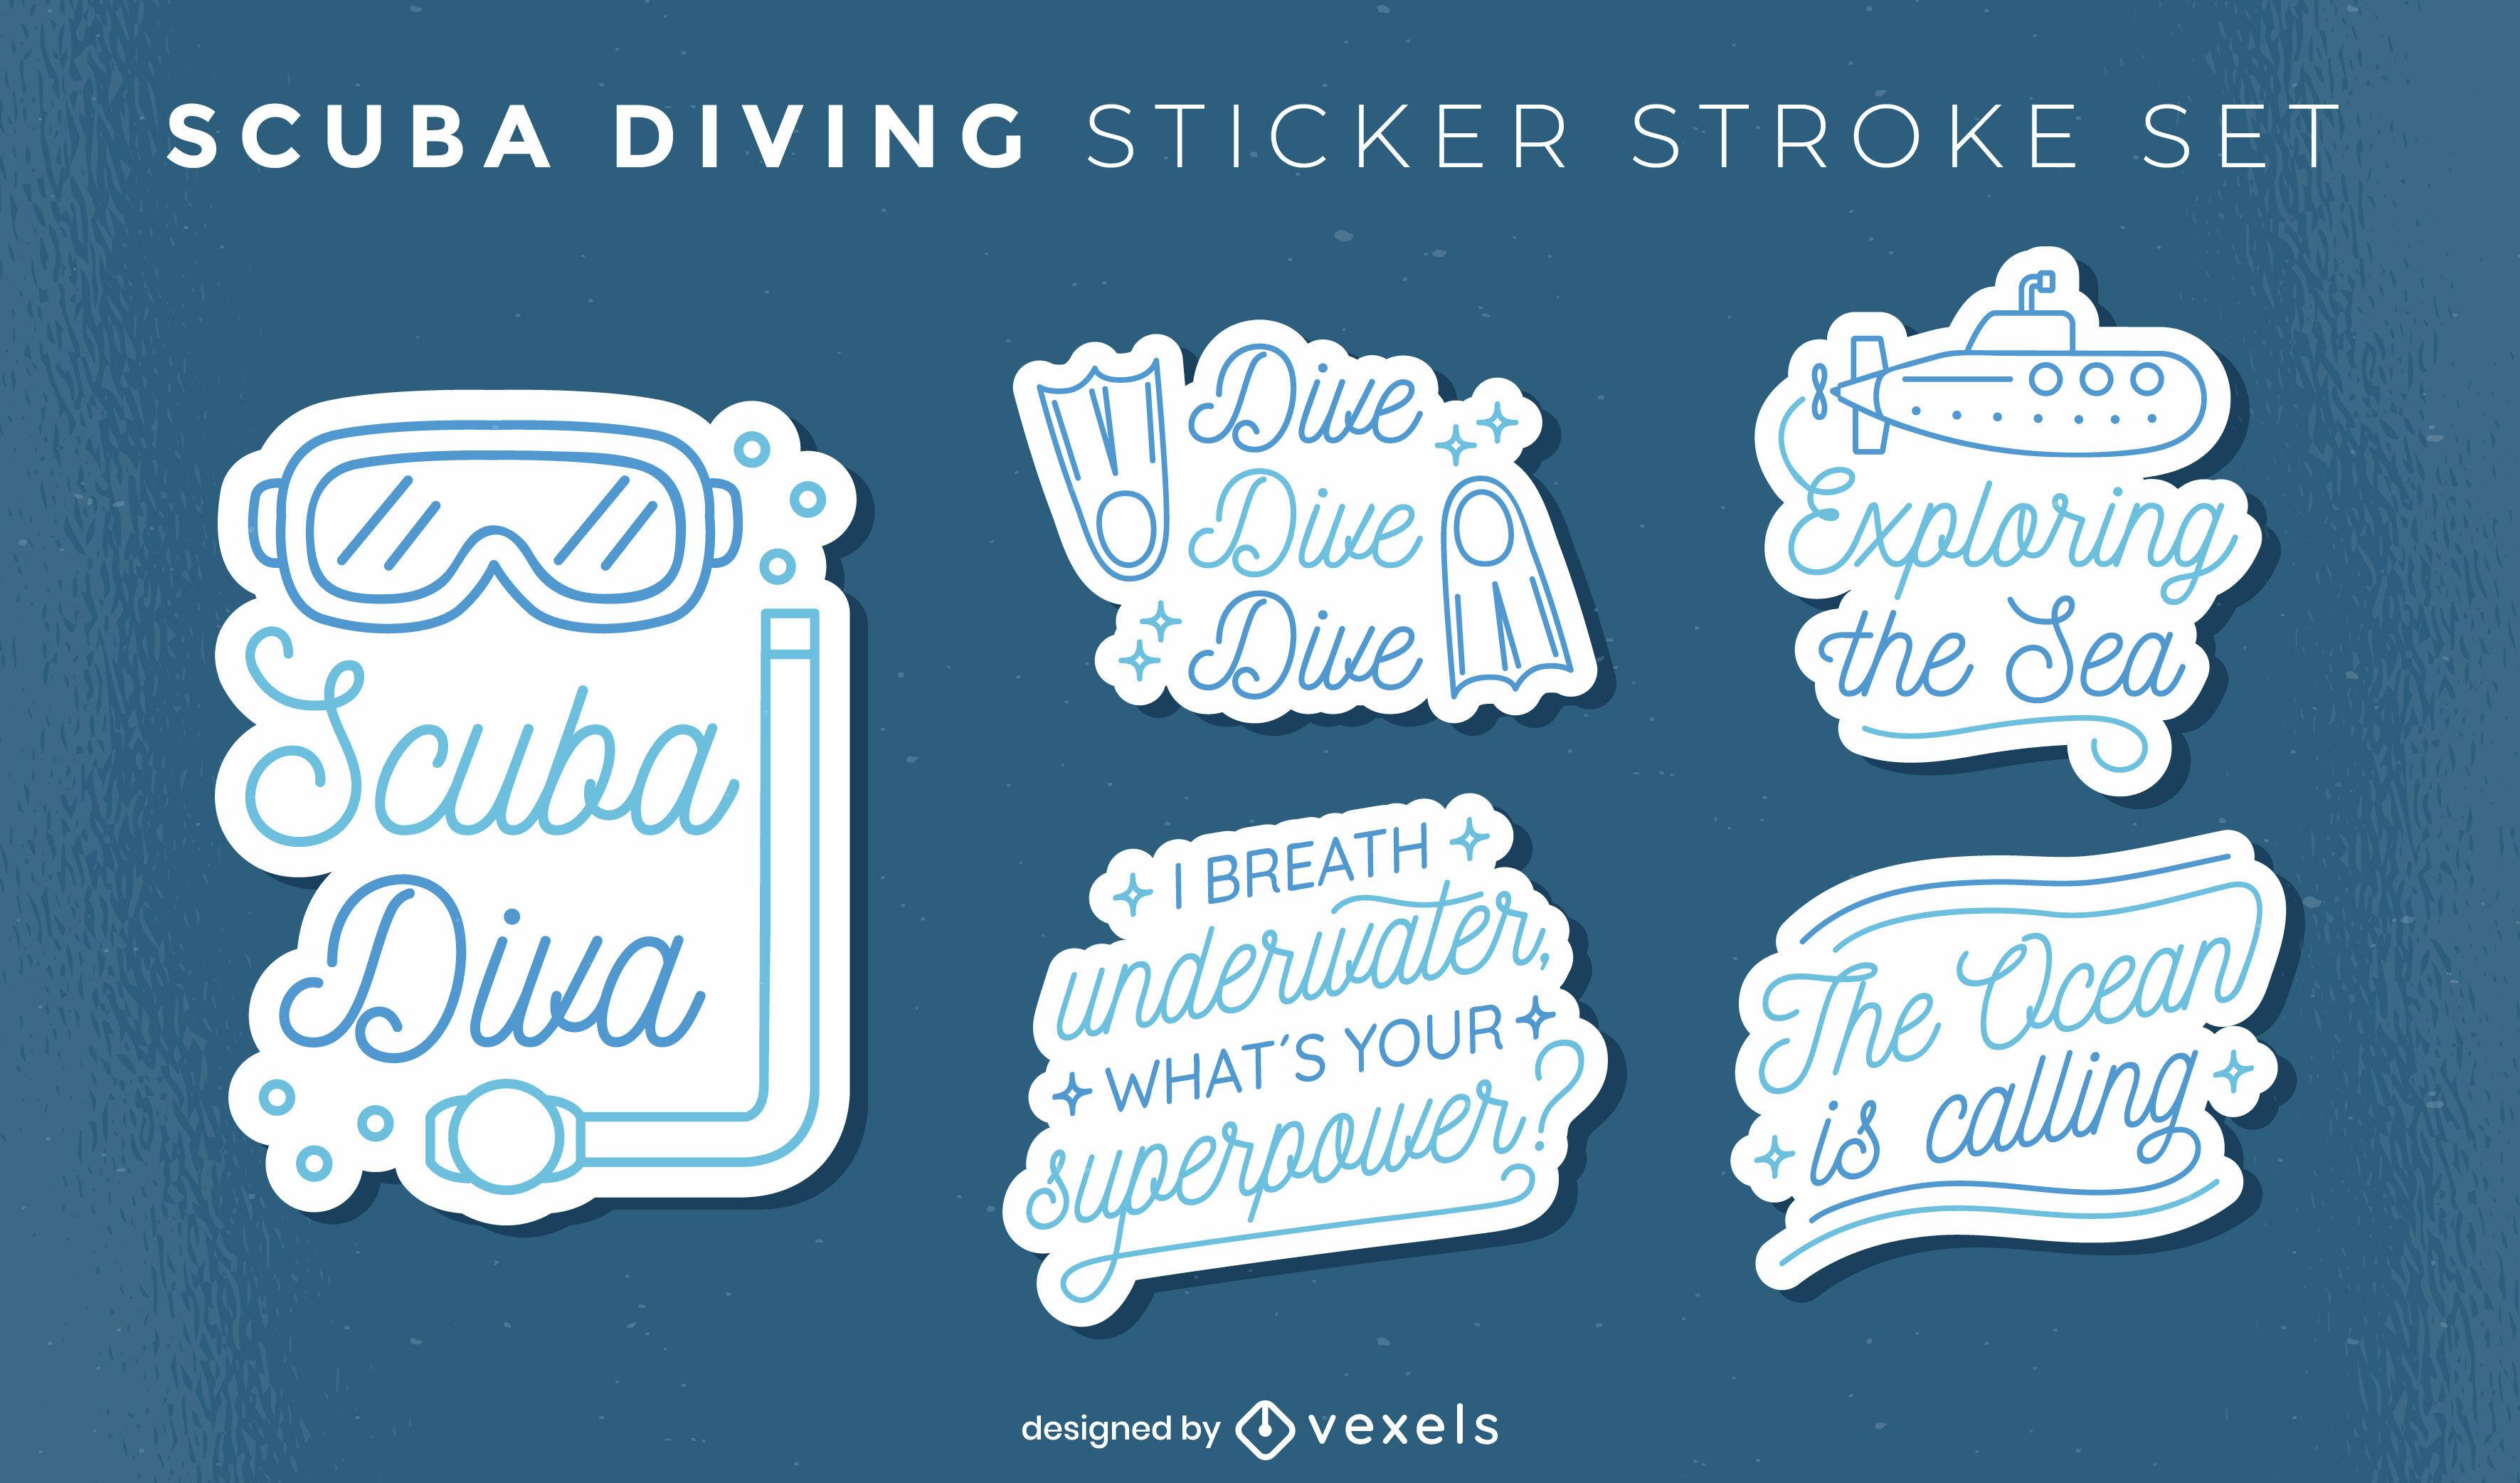 Scuba diver sticker quotes set